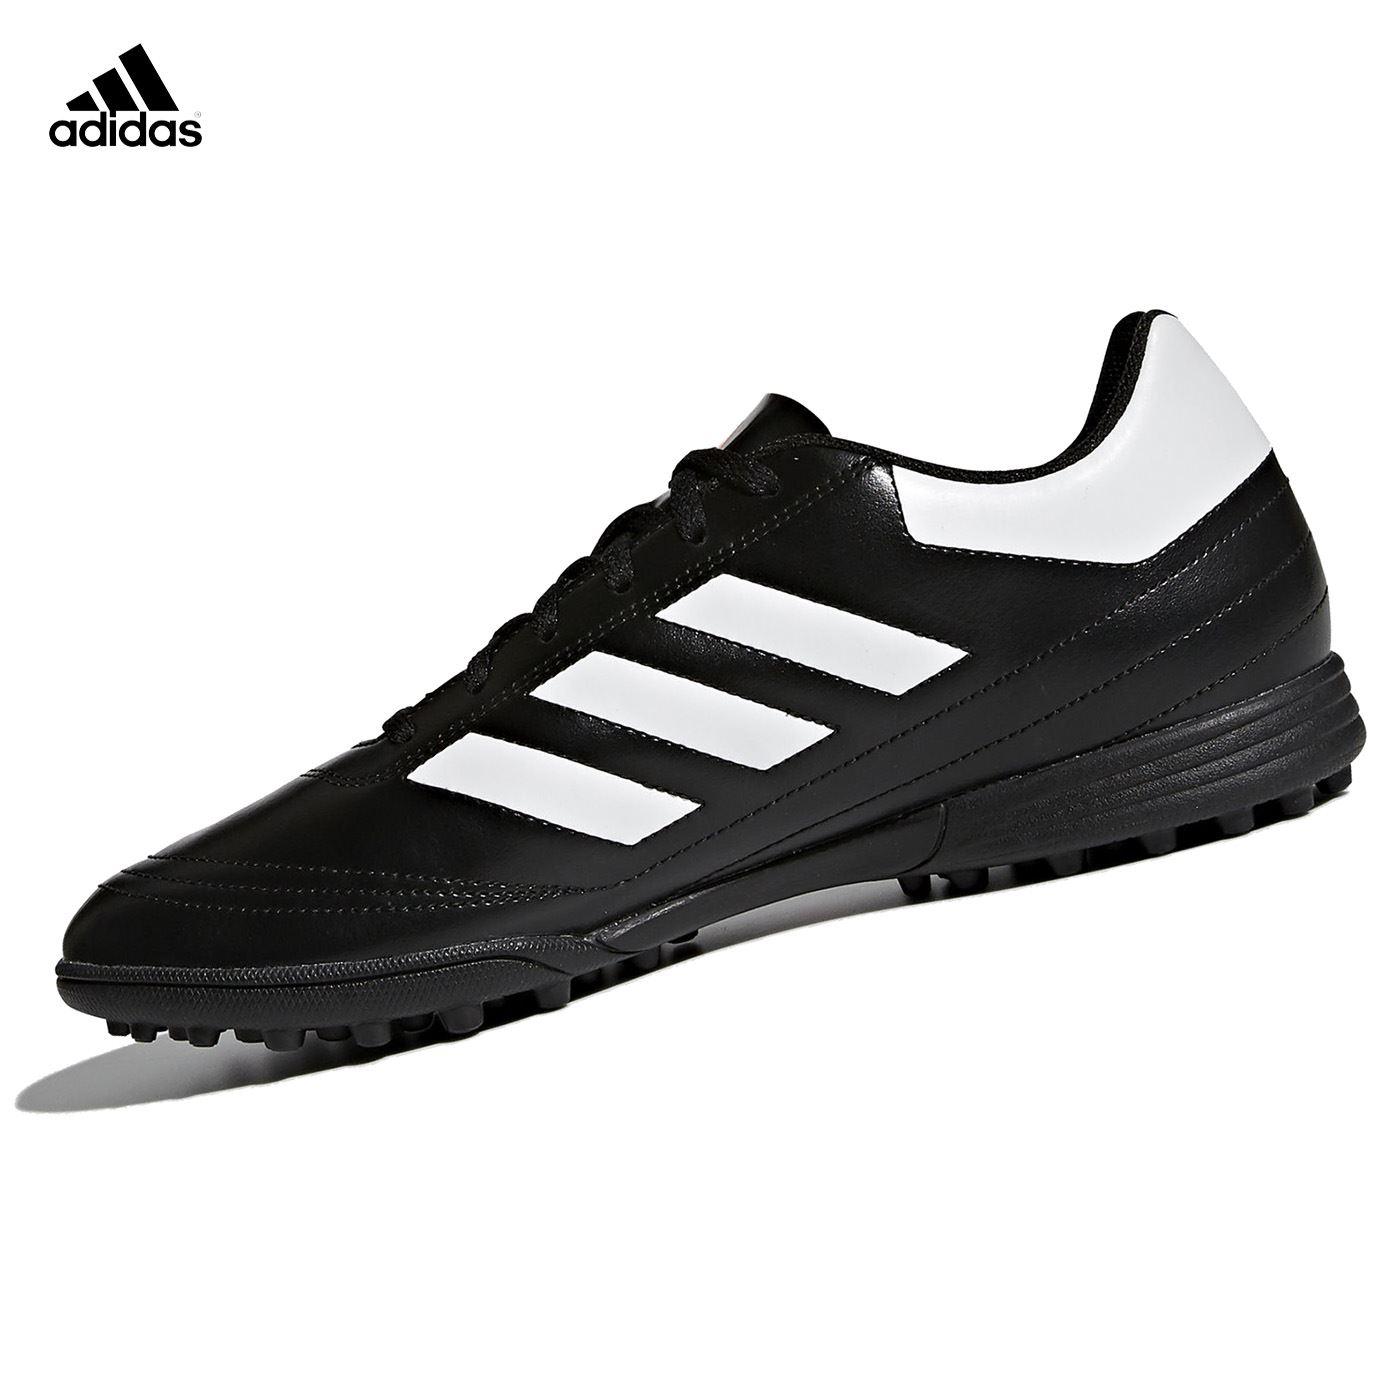 cheap for discount 1304d 2d417 Adidas - Zapatilla Goletto VI TF Negro y Blanco  Juntoz.com